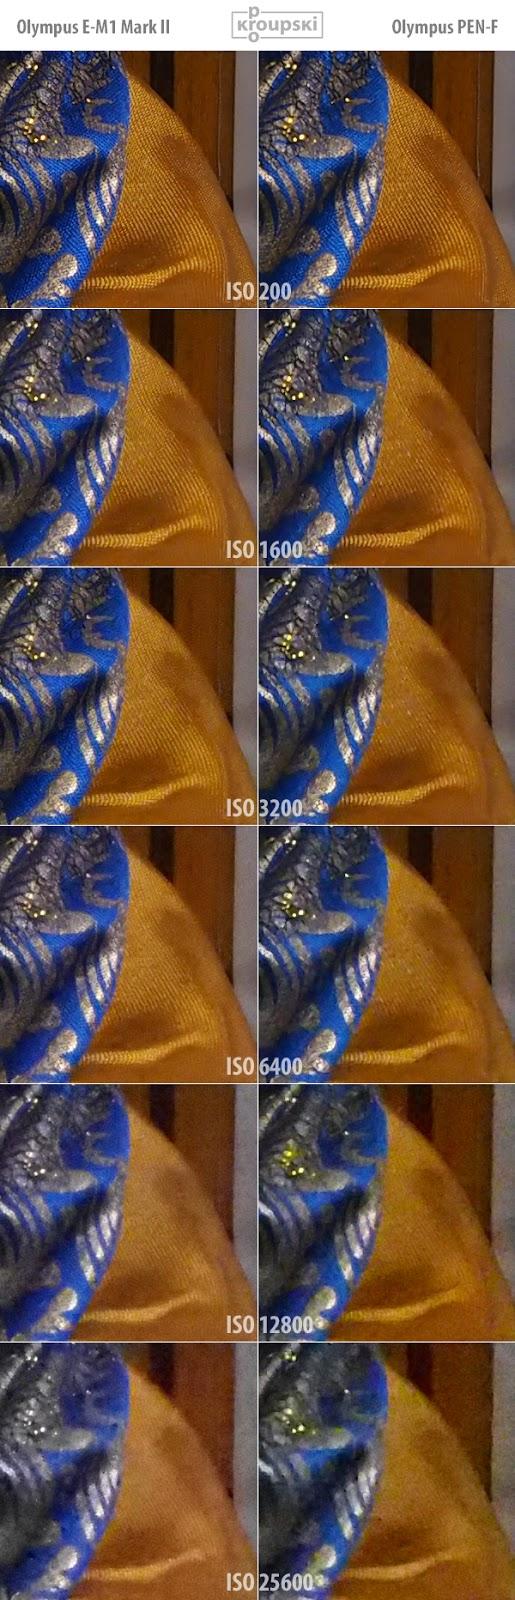 Сравнение уровня шумов на камерах Olympus OM-D E-M1 Mark II и Pen F